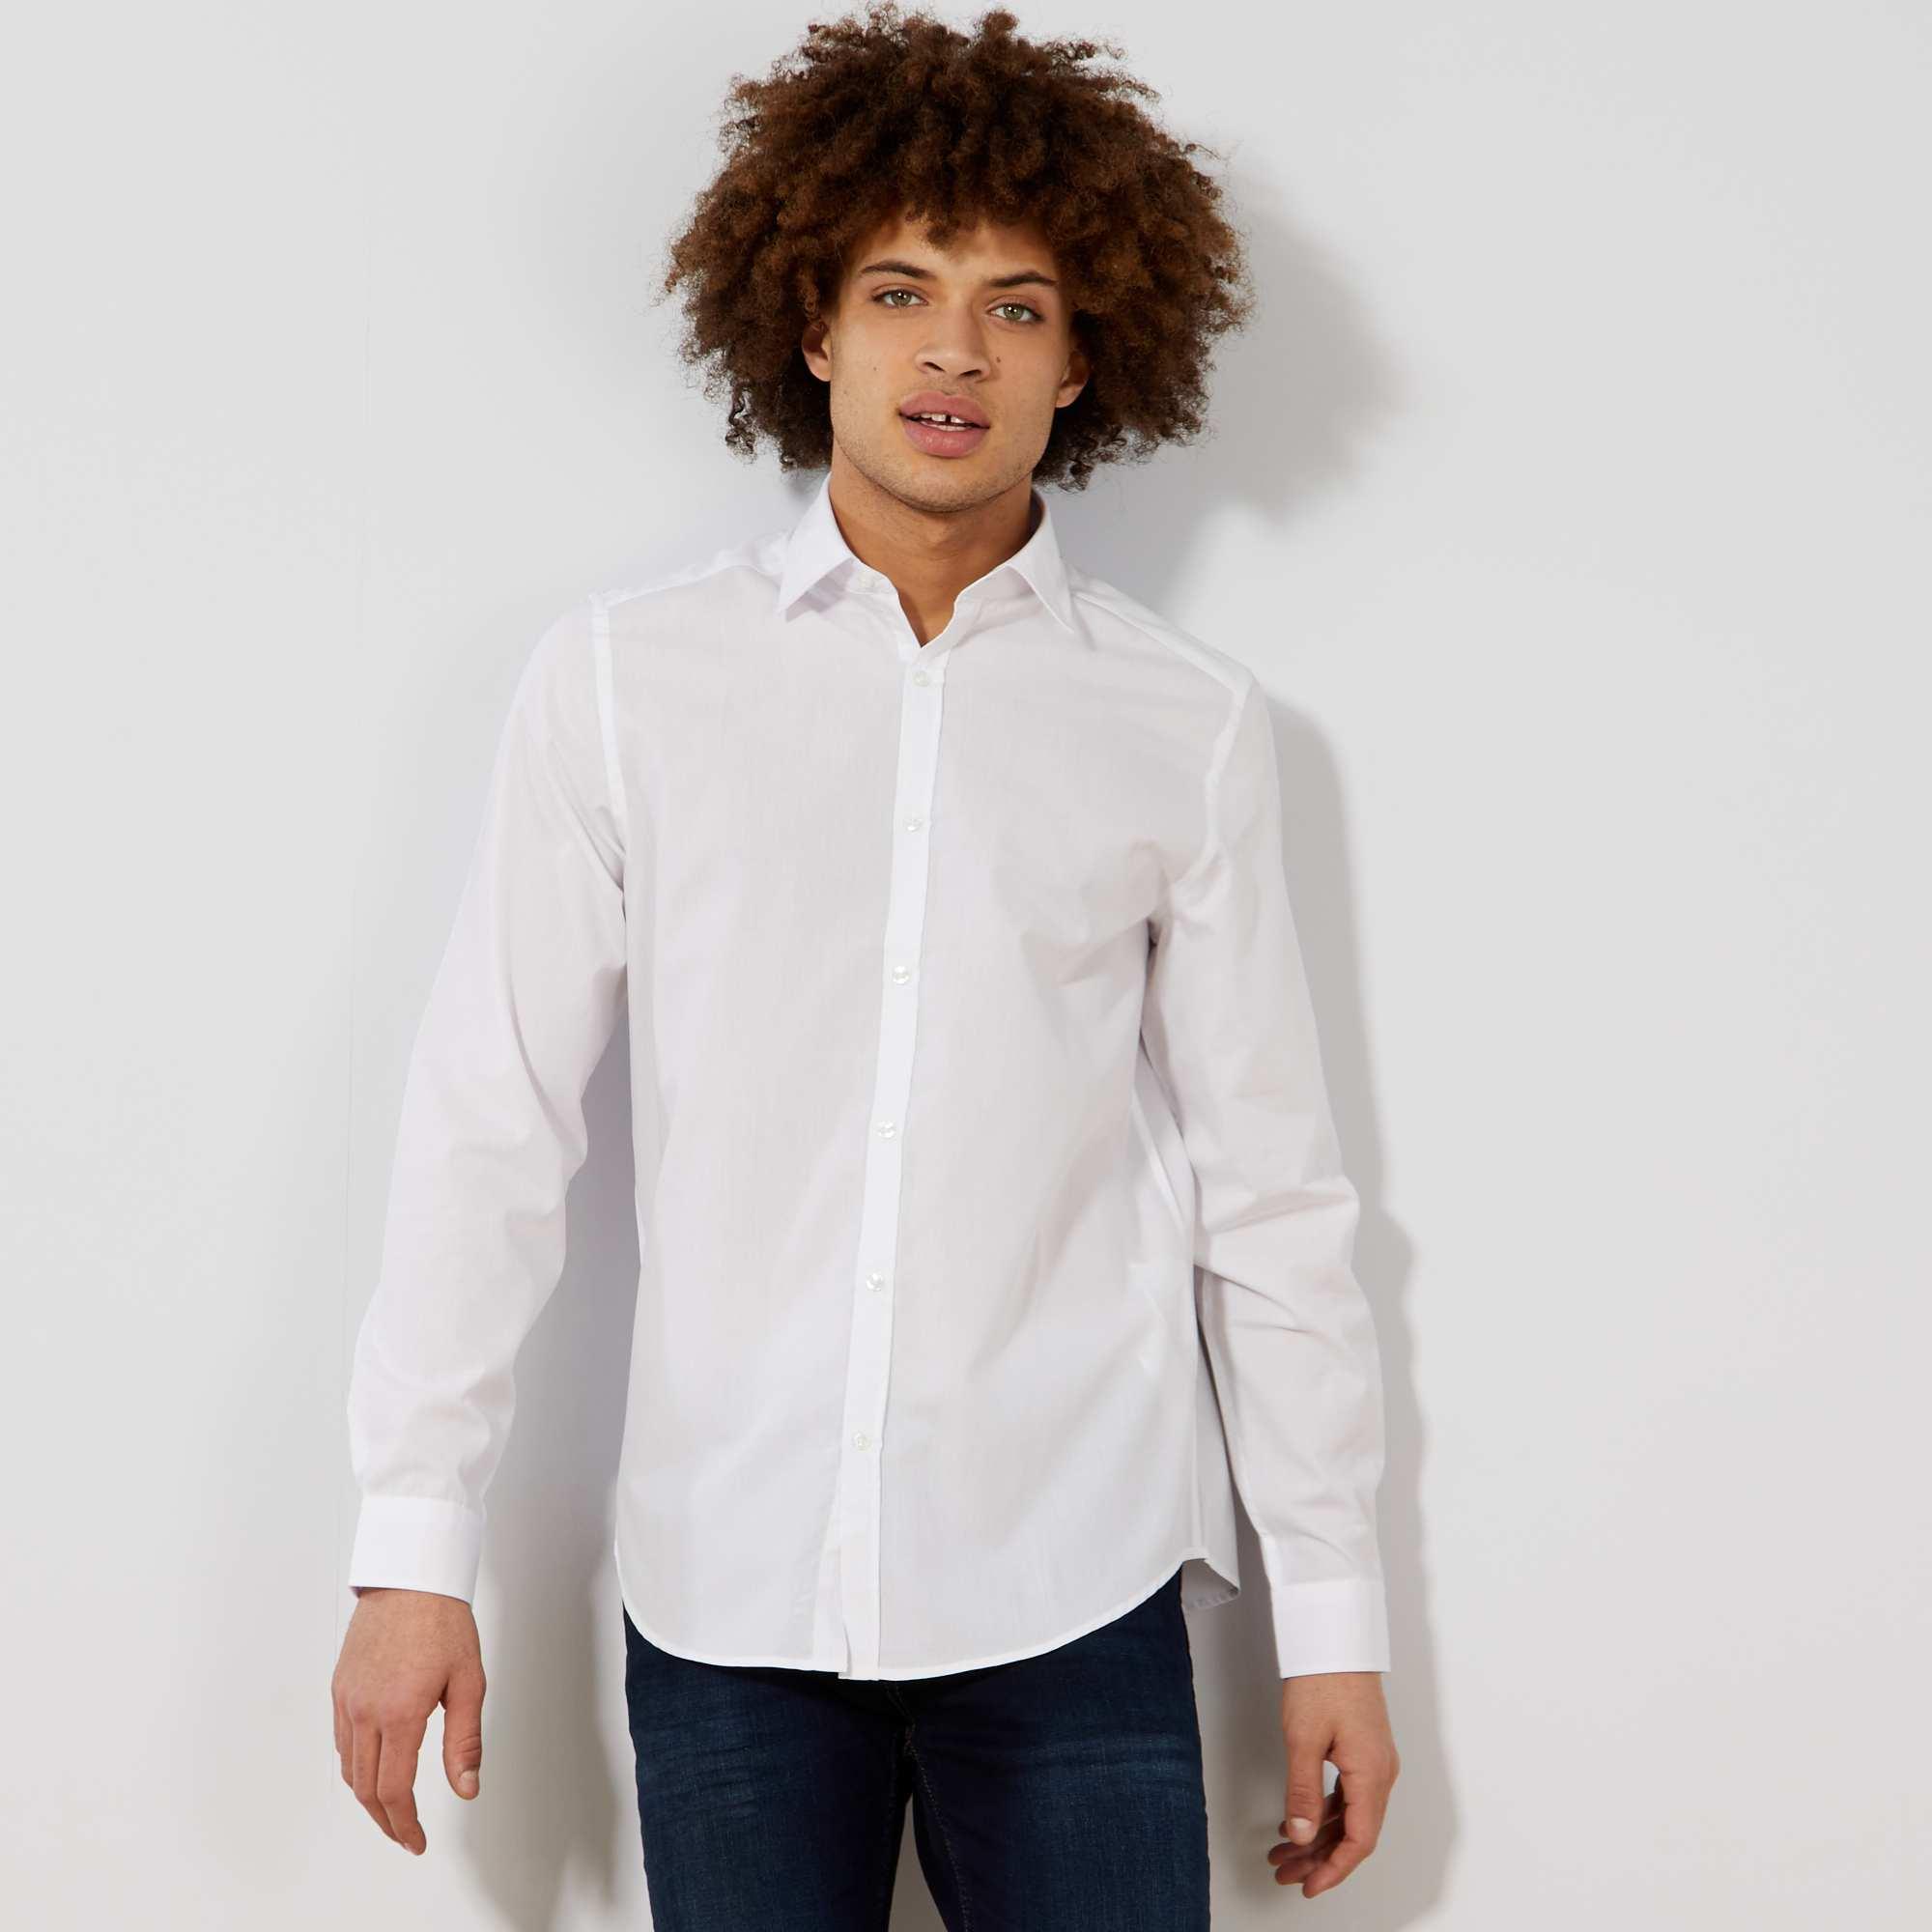 Couleur : blanc, , ,, - Taille : 39/40, 37/38, 45/46,41/42,43/44Aussi intemporelle qu'indispensable, la chemise blanche unie coupe droite ! - Chemise